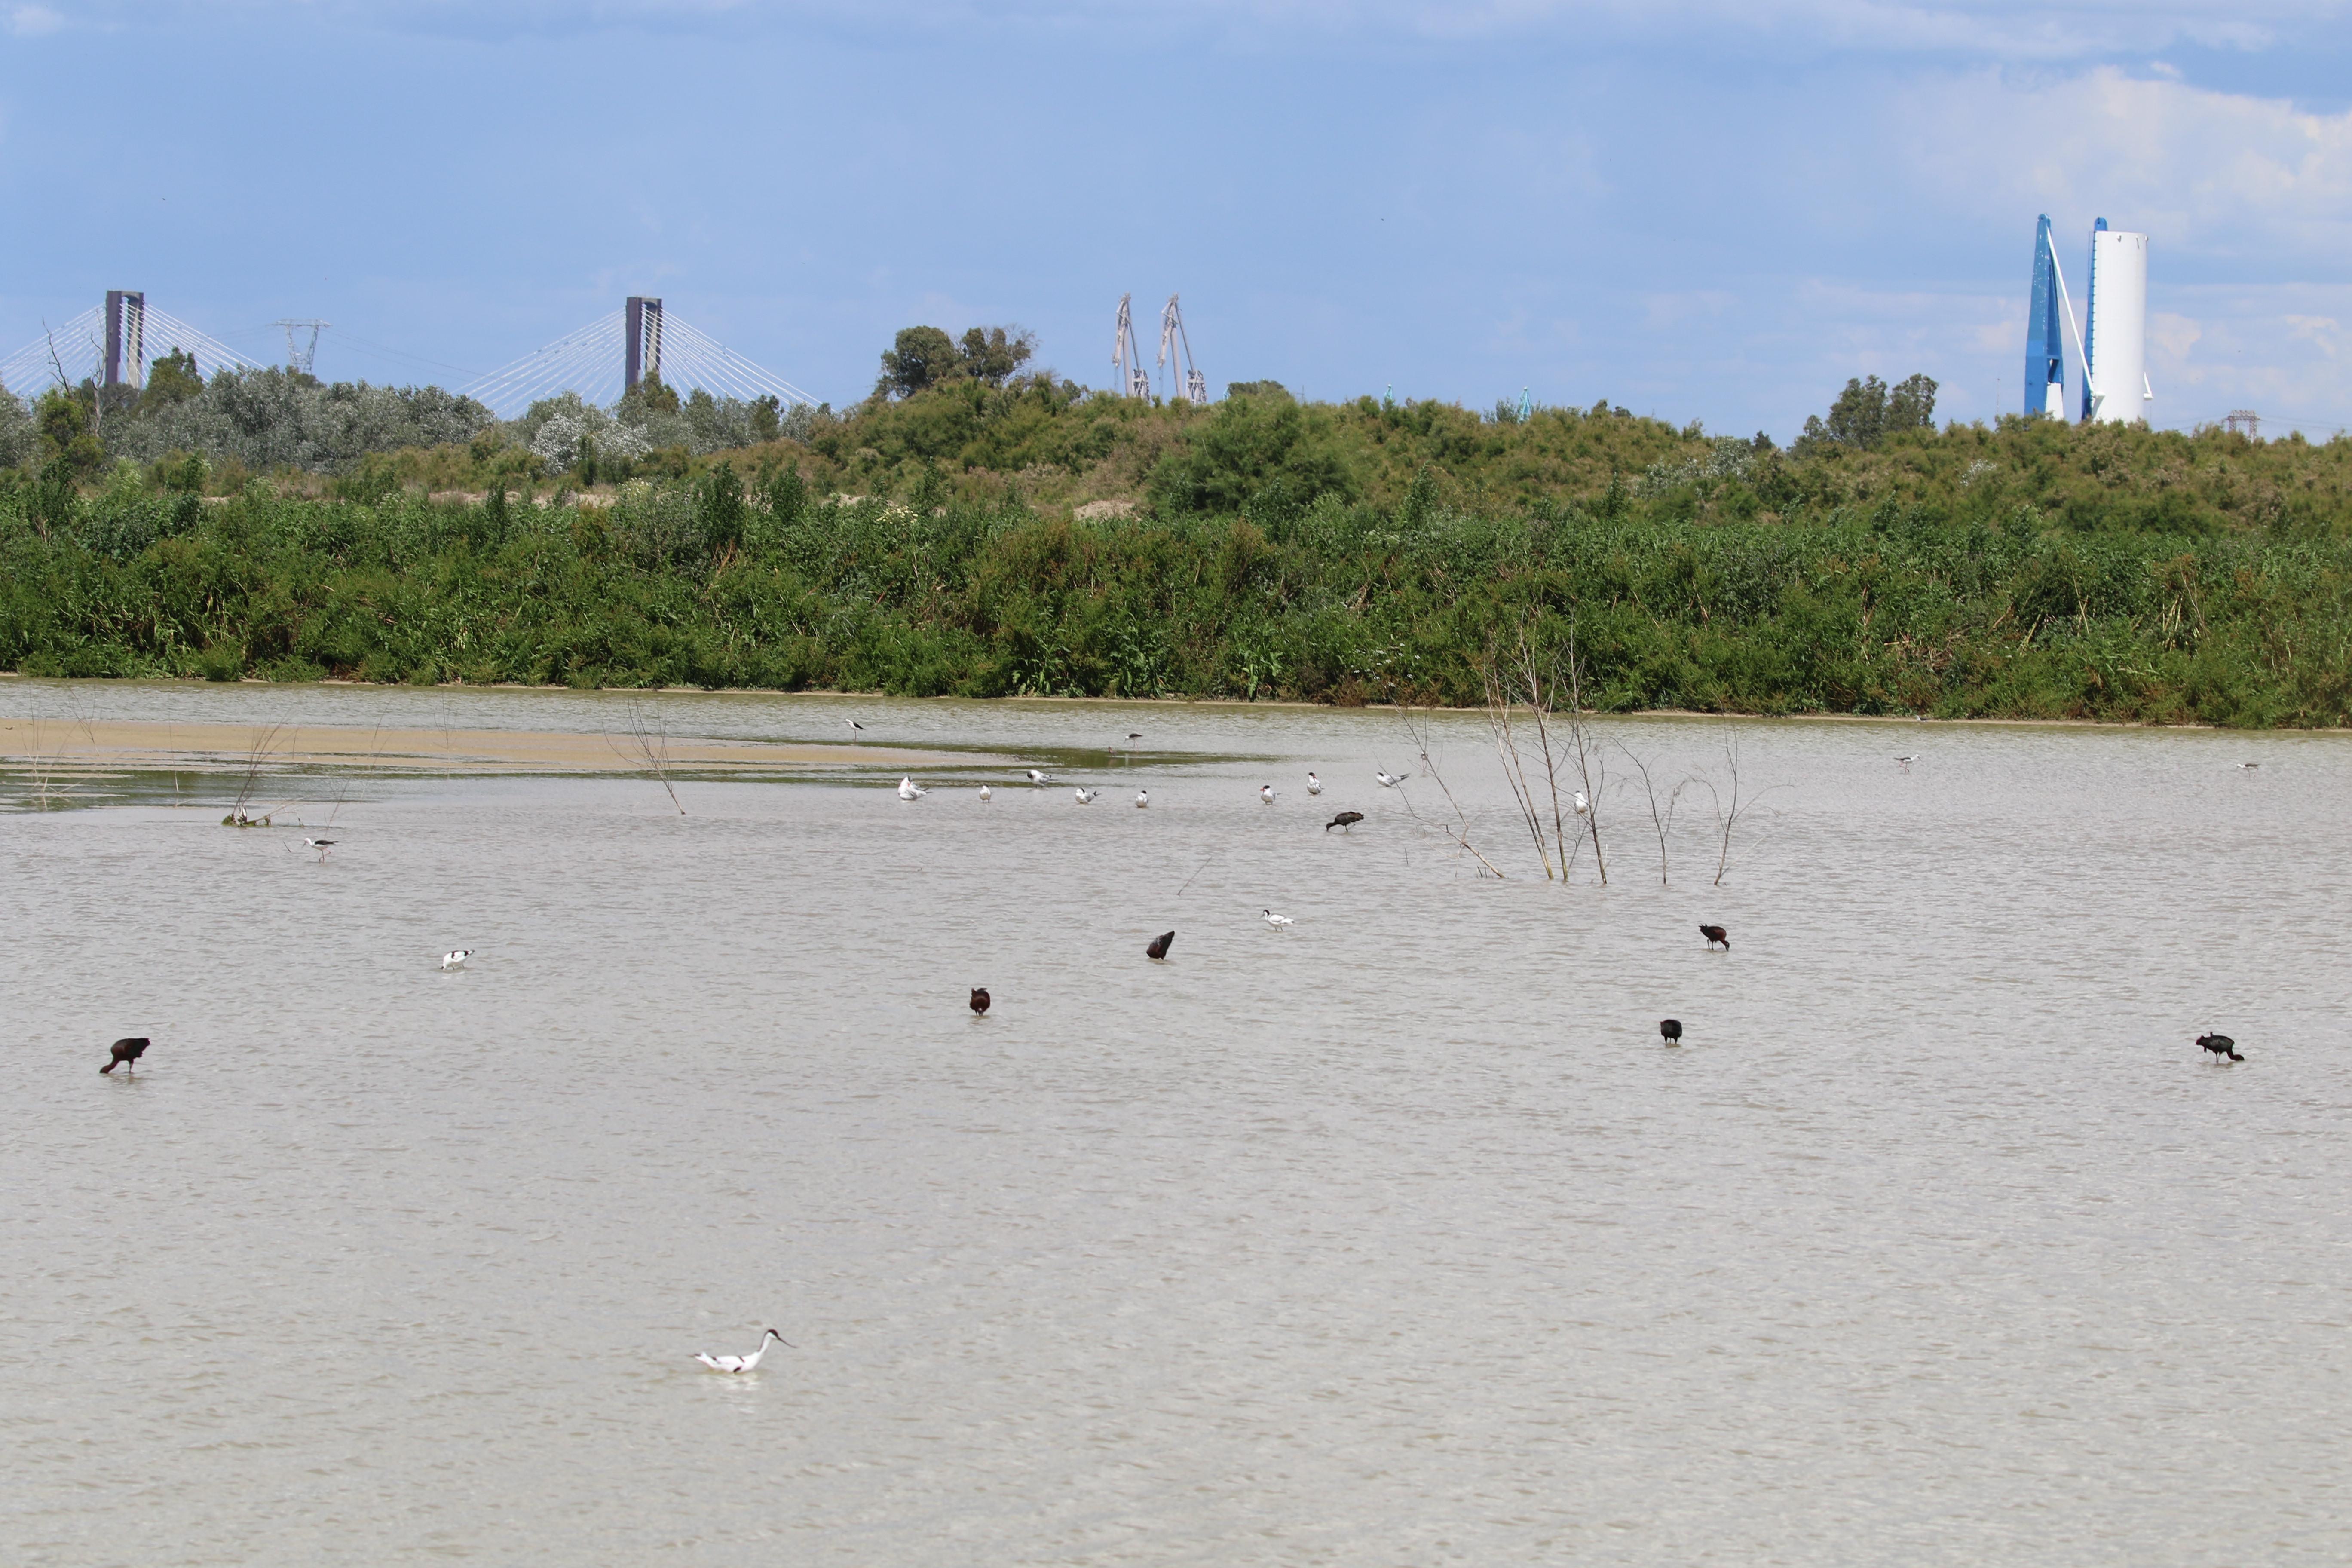 Autoridad Portuaria y CSIC censan más de 50 especies de aves acuáticas en los vaciaderos terrestres del enclave sevillano